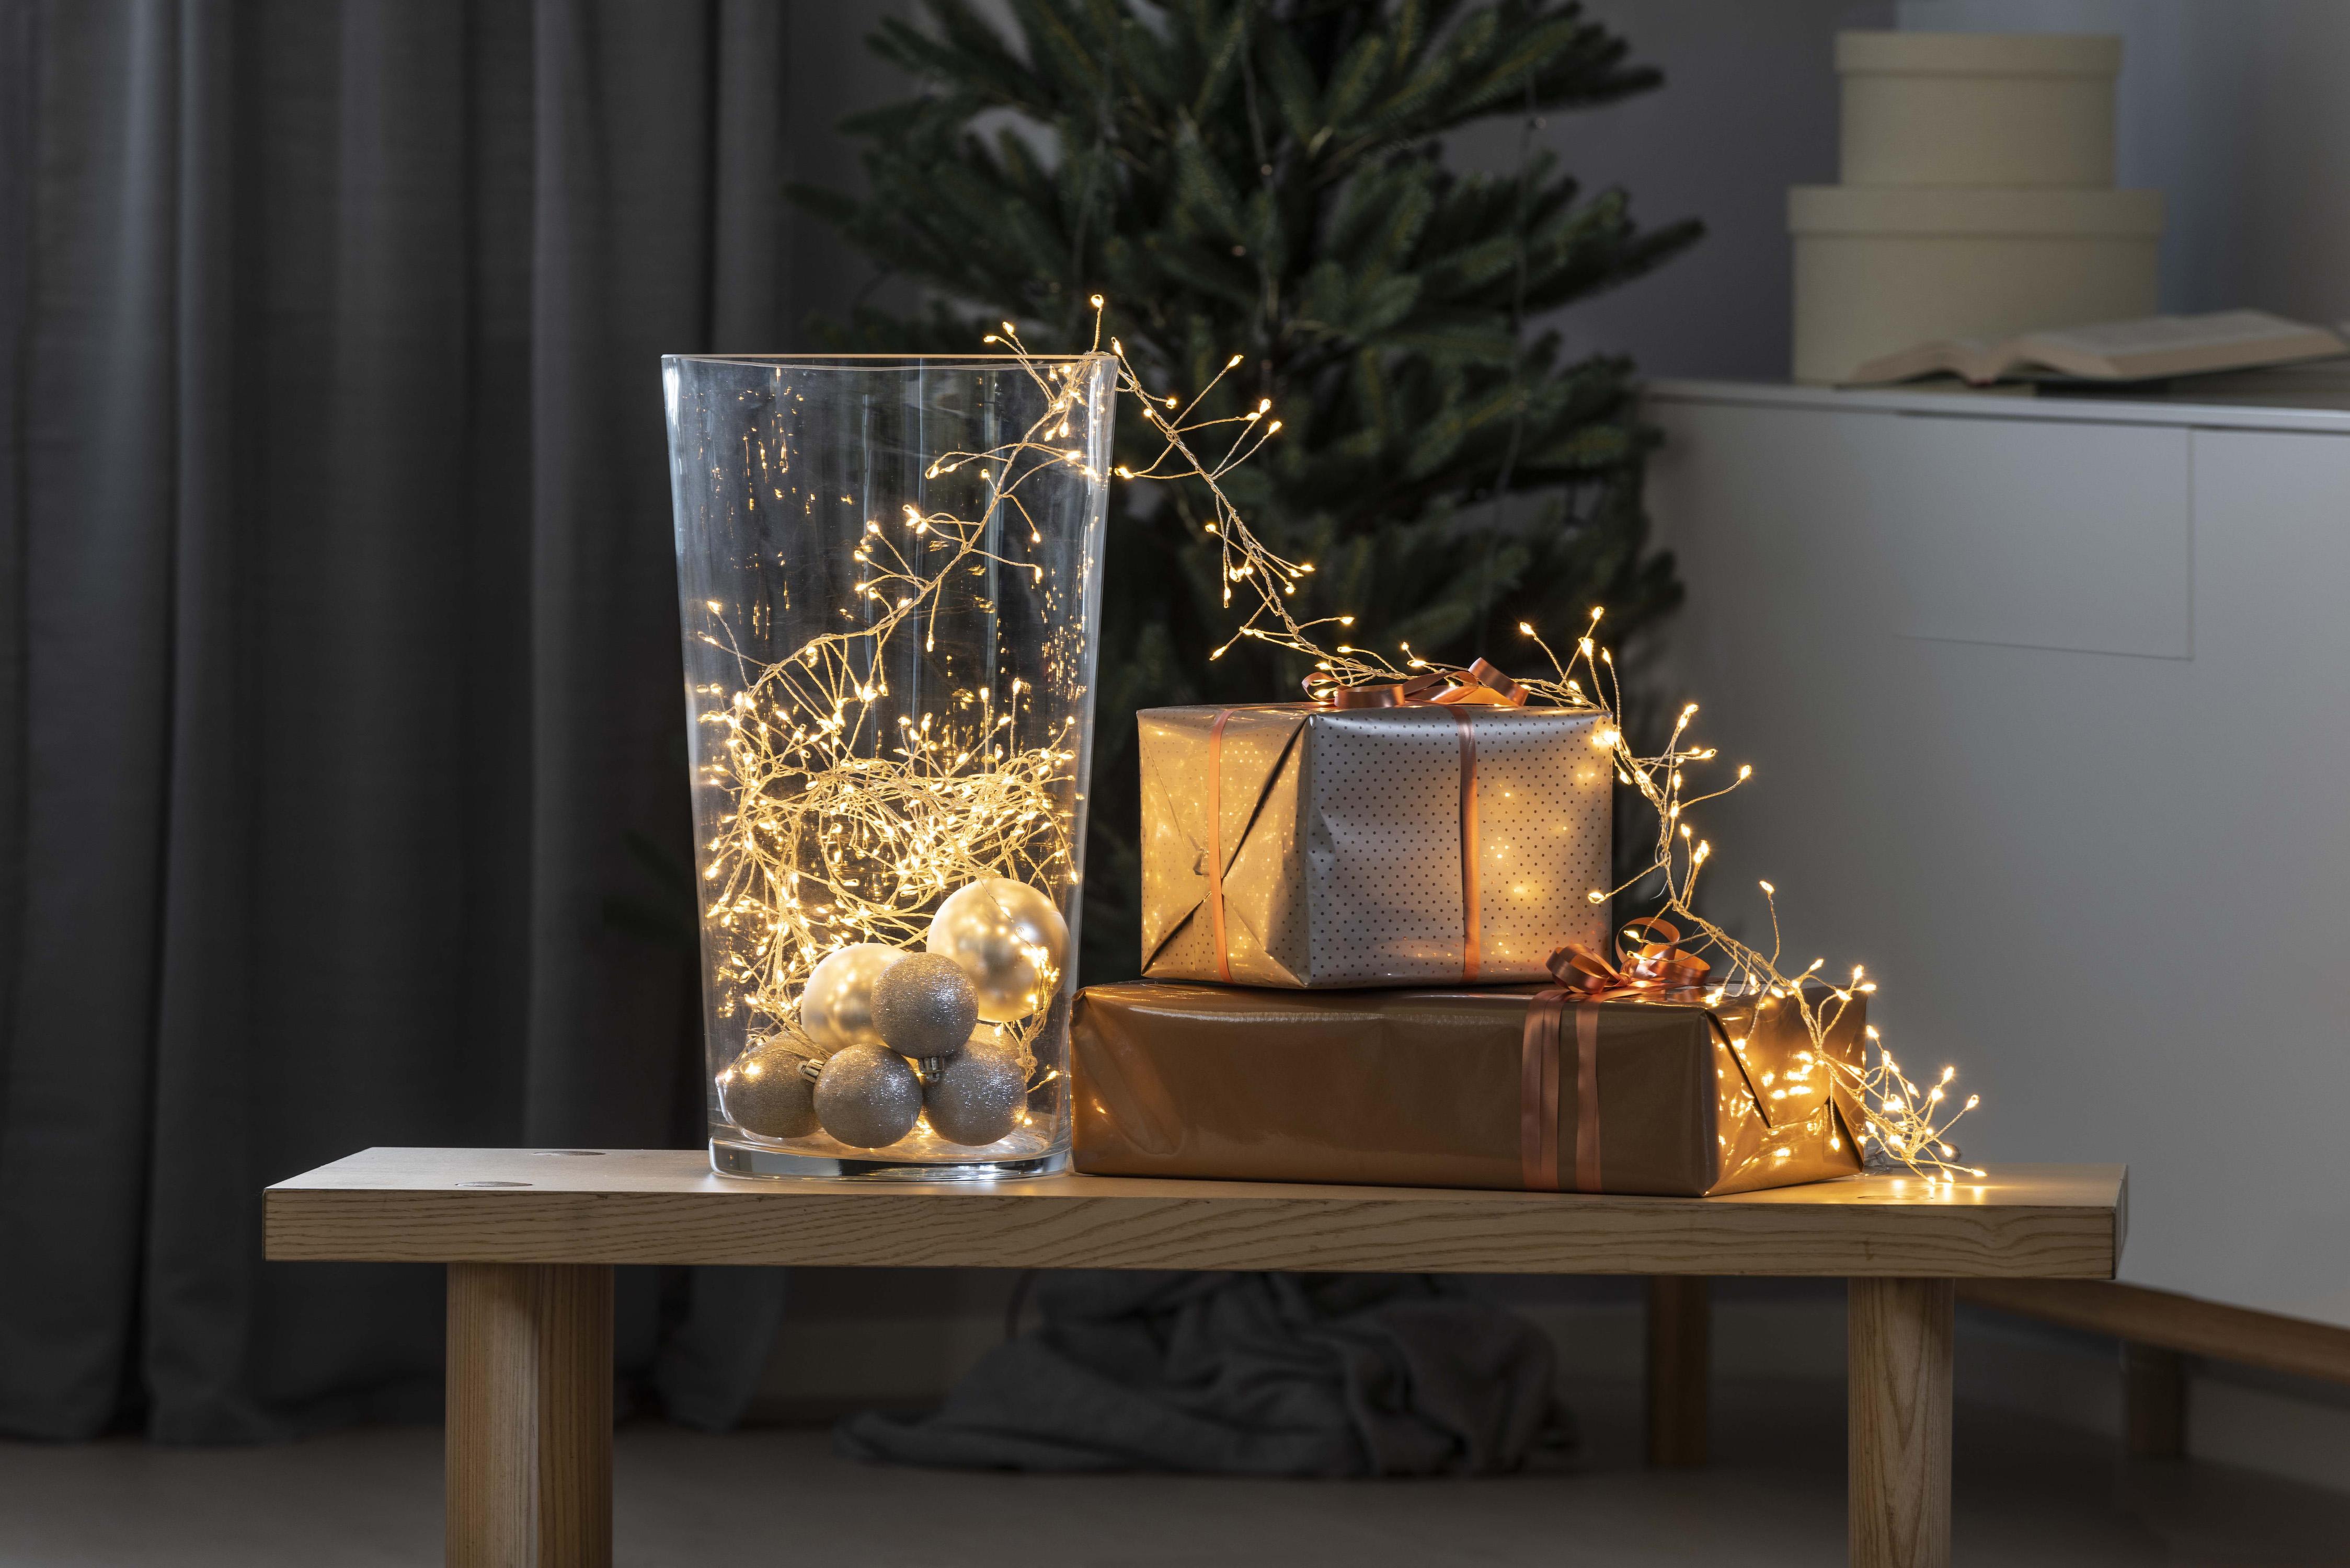 KONSTSMIDE Micro LED Büschellichterkette Drahtlichterkette Wohnen/Accessoires & Leuchten/Lampen & Leuchten/Dekoleuchten/Deko-Lichterketten